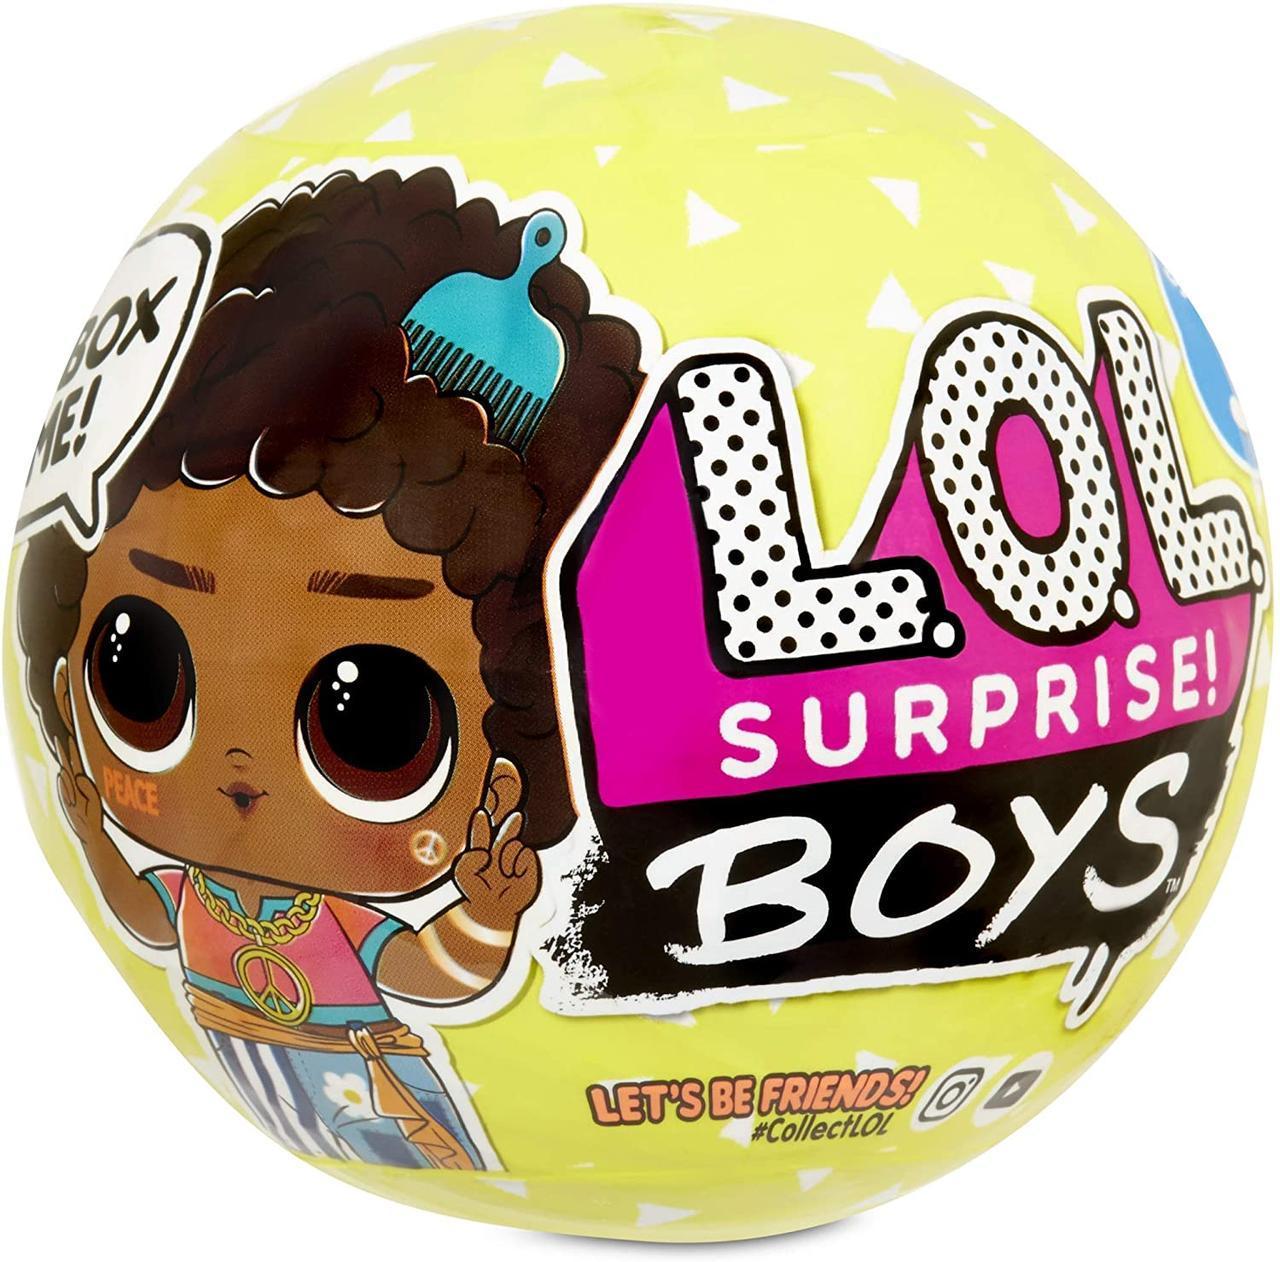 Кукла Лол Мальчик LOL Surprise S3 Boys, 3 серия с 7 сюрпризами, оригинал MGA